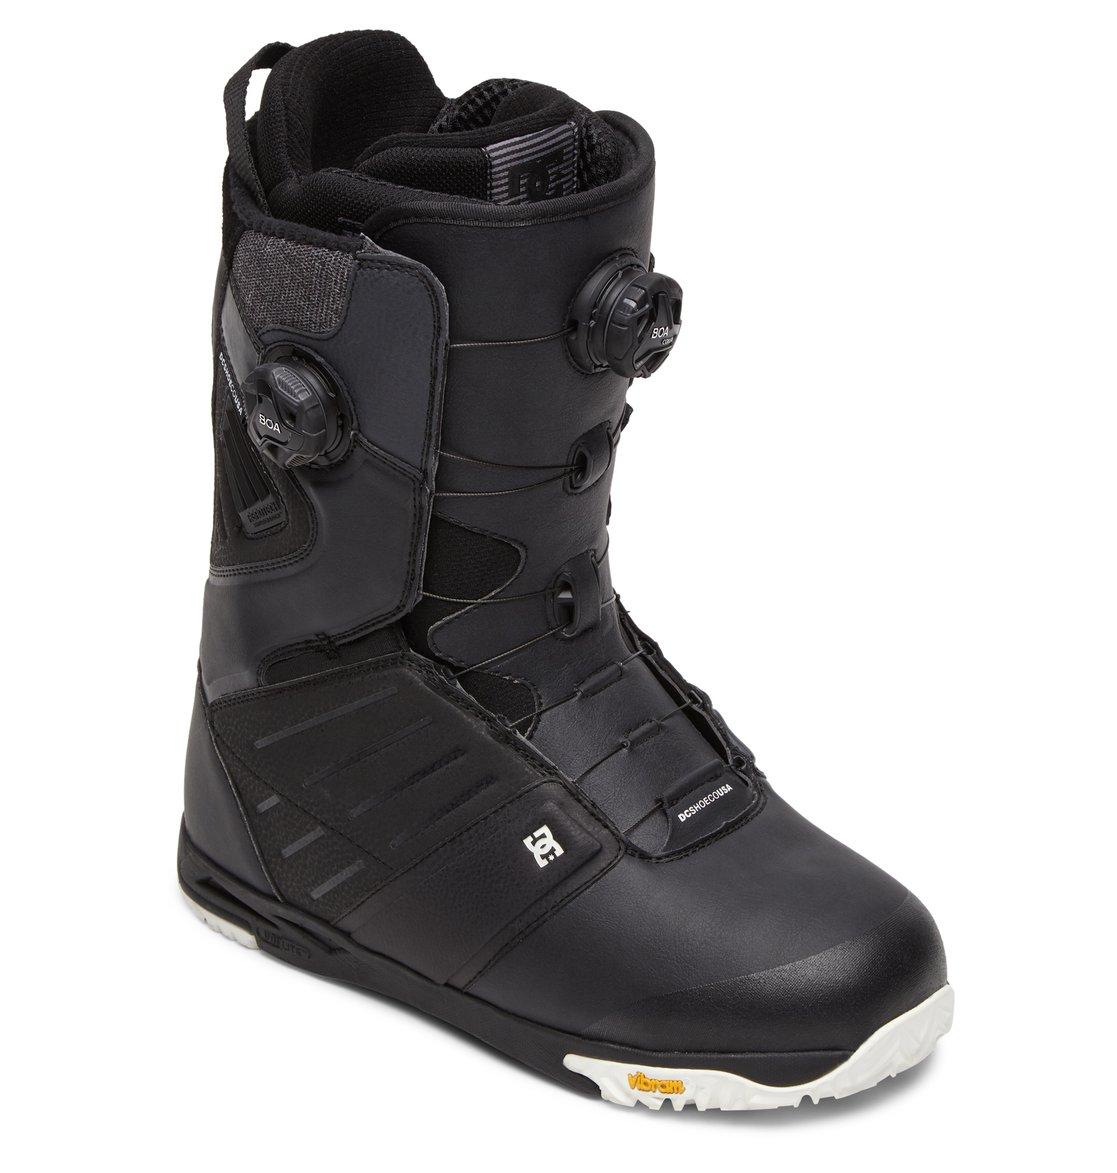 DC Shoes Judge M Boax 2020 2021